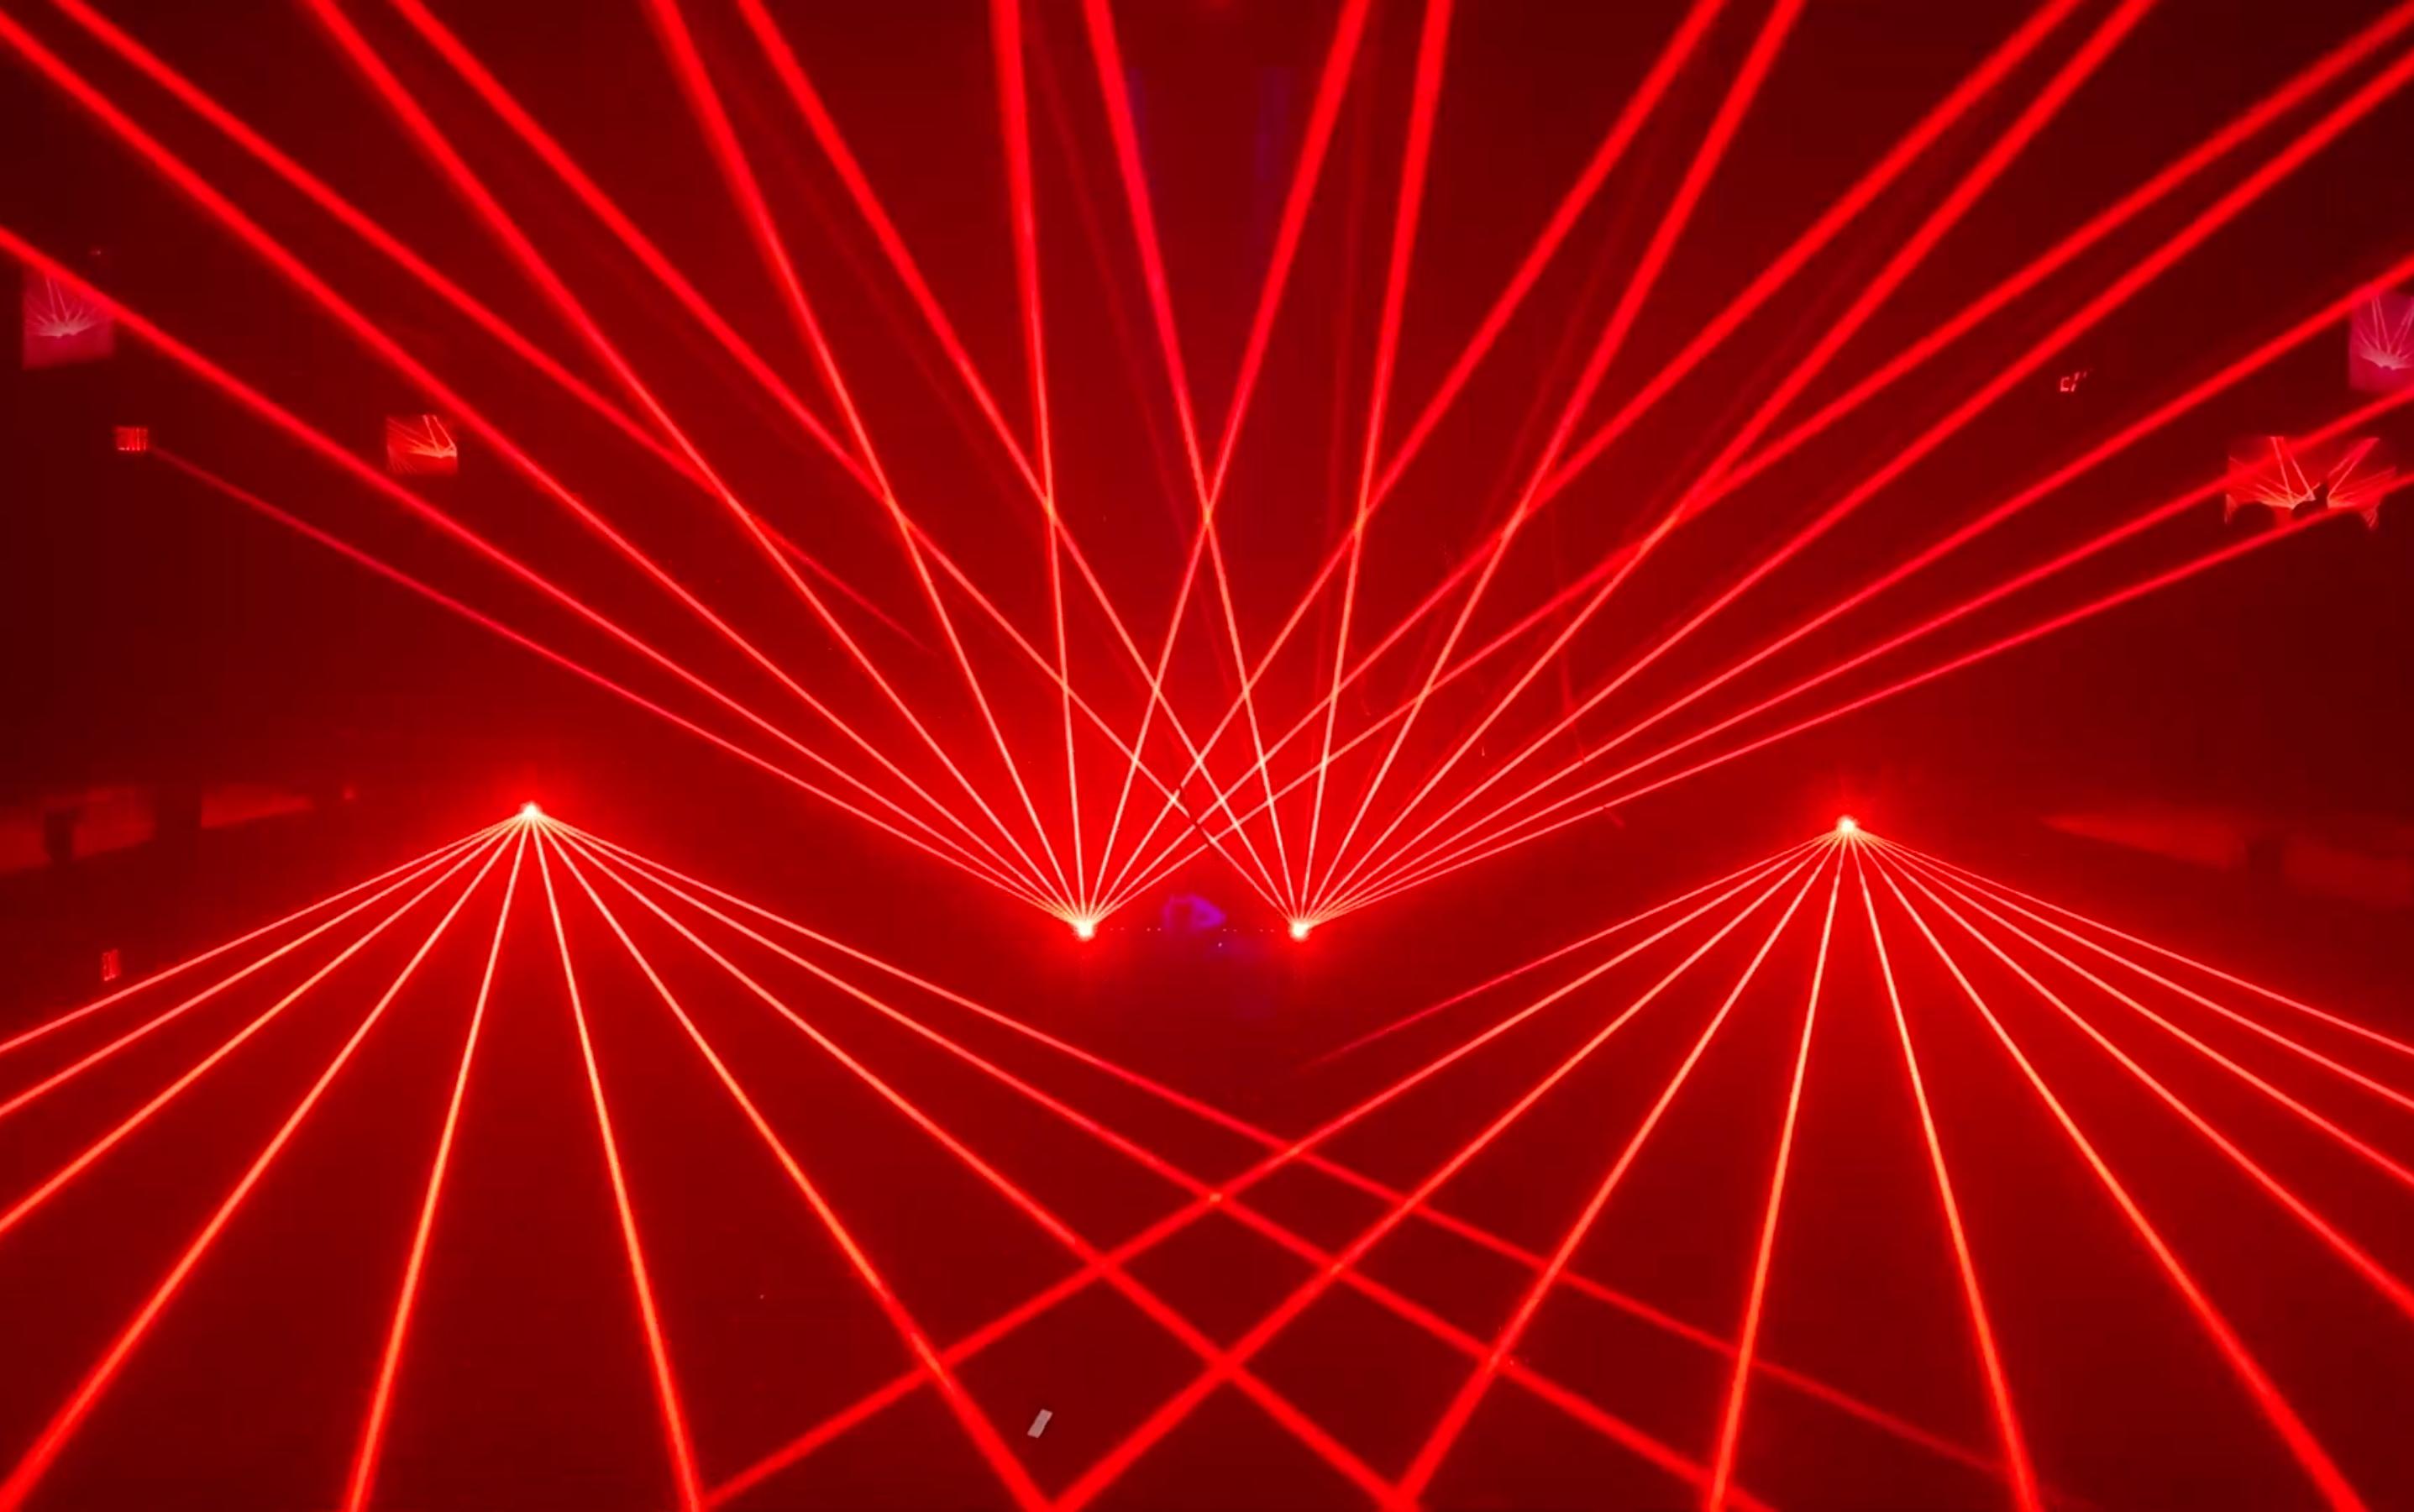 The Kimmel Center Concert Laser Light Sh